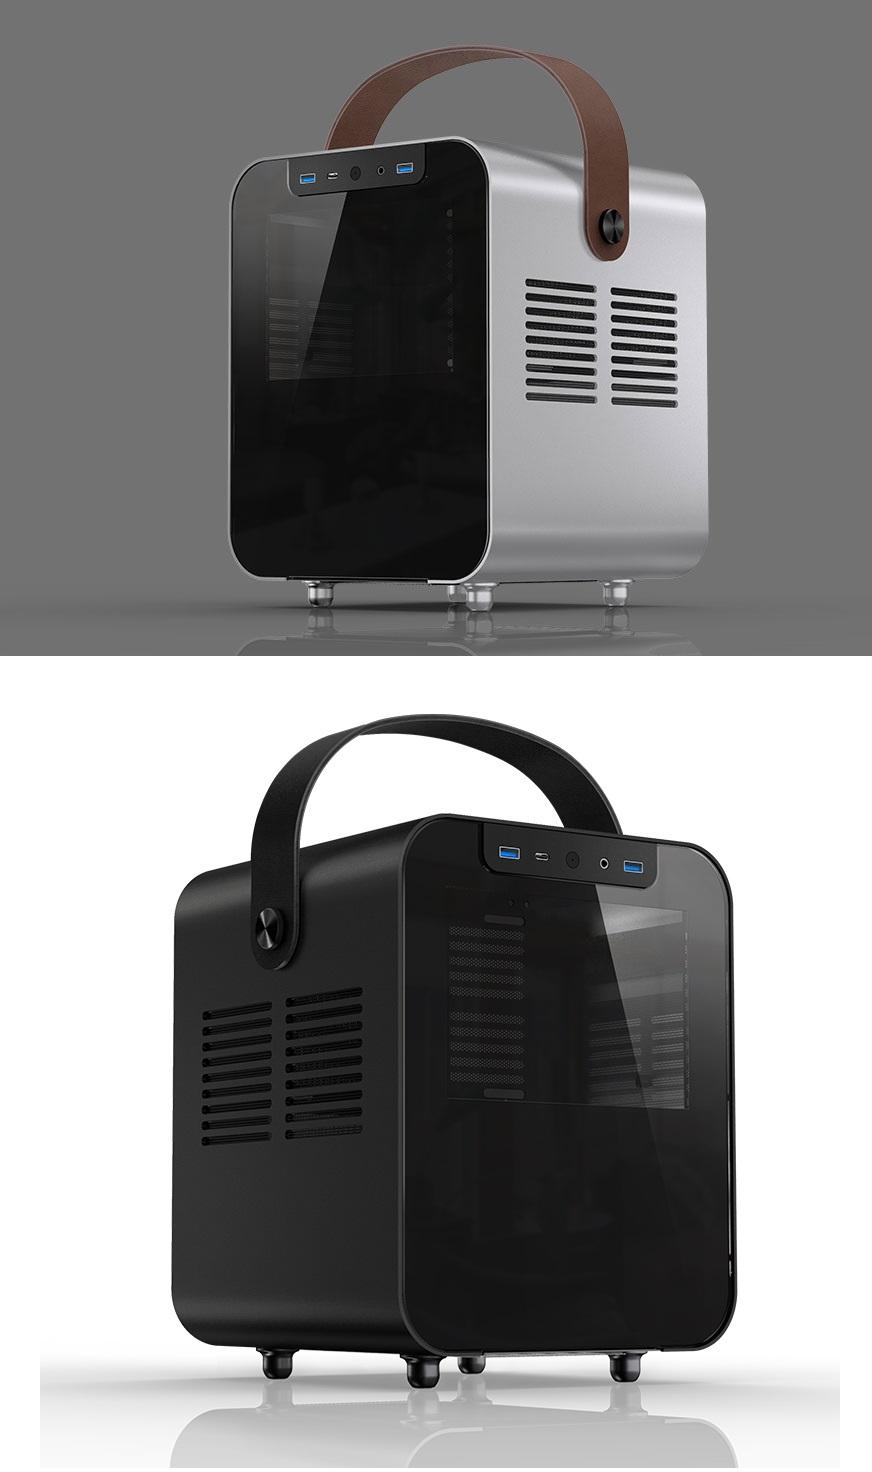 Jonsplus BO100 připomíná reproduktor, je to ale skříň na LAN párty bez ostudy